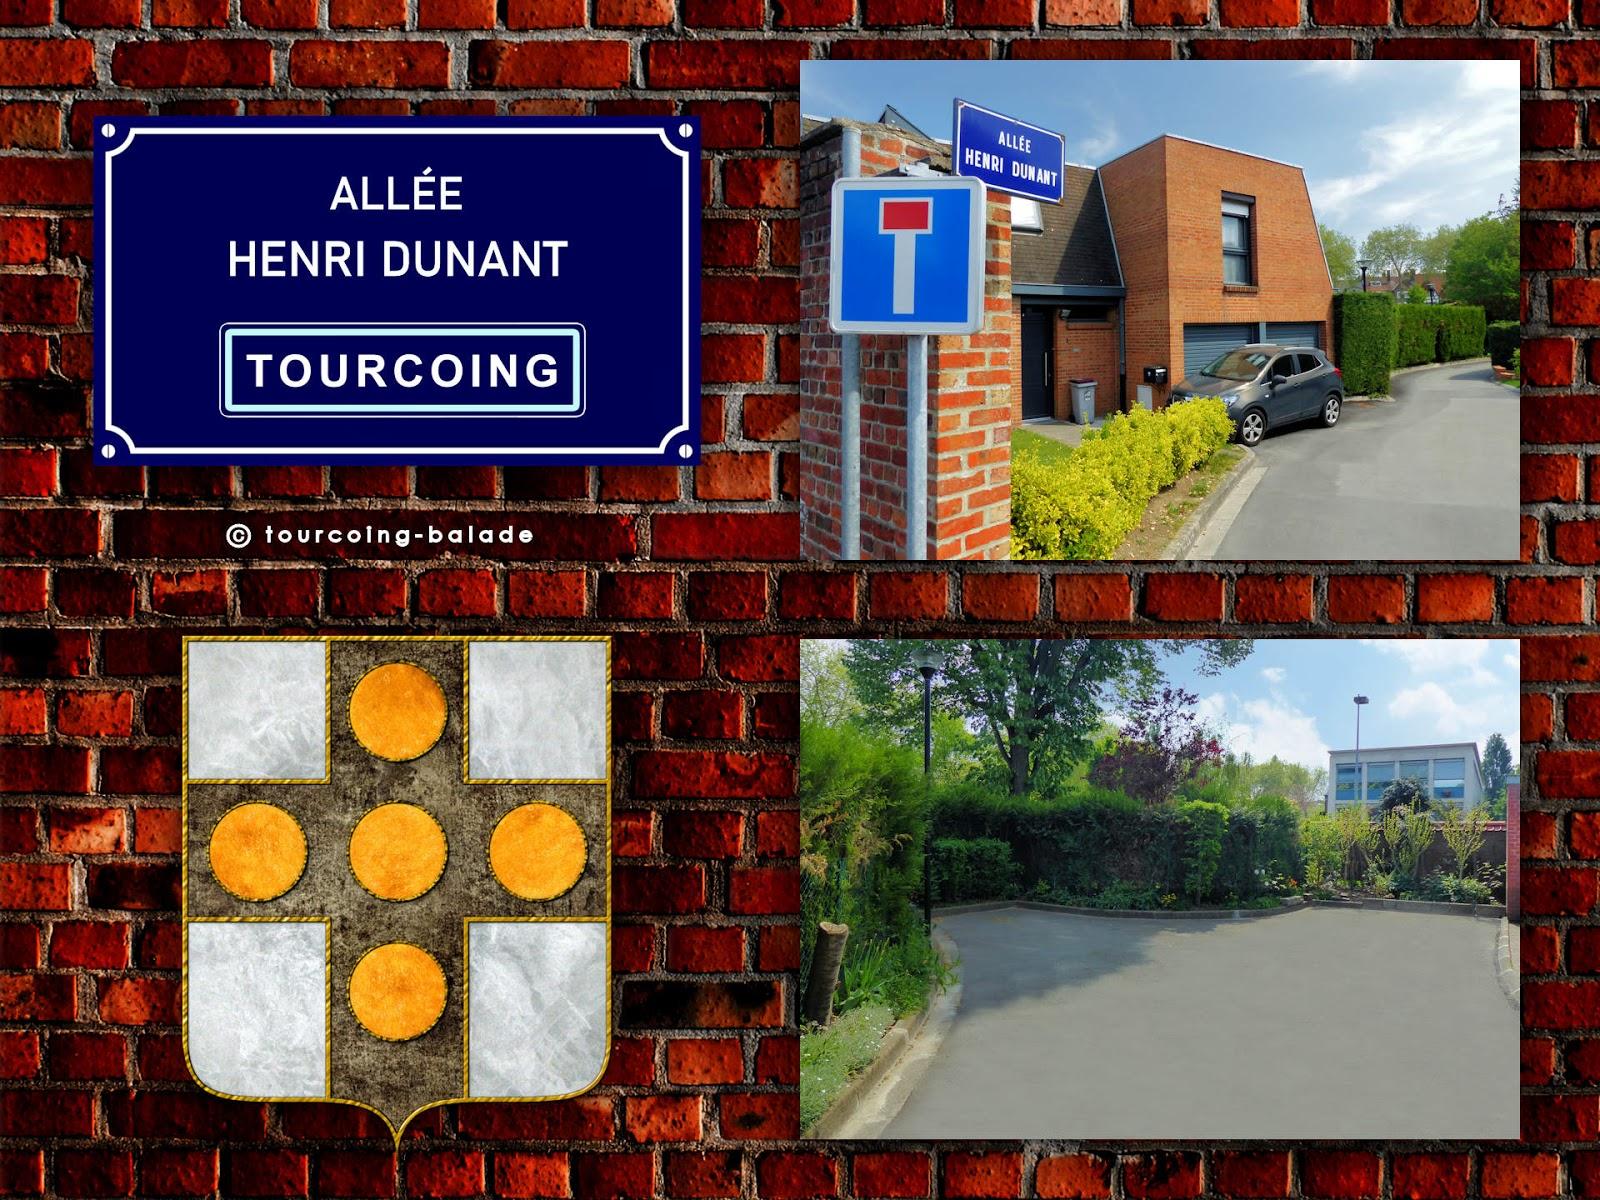 Allée Henri Dunant, Tourcoing 2020